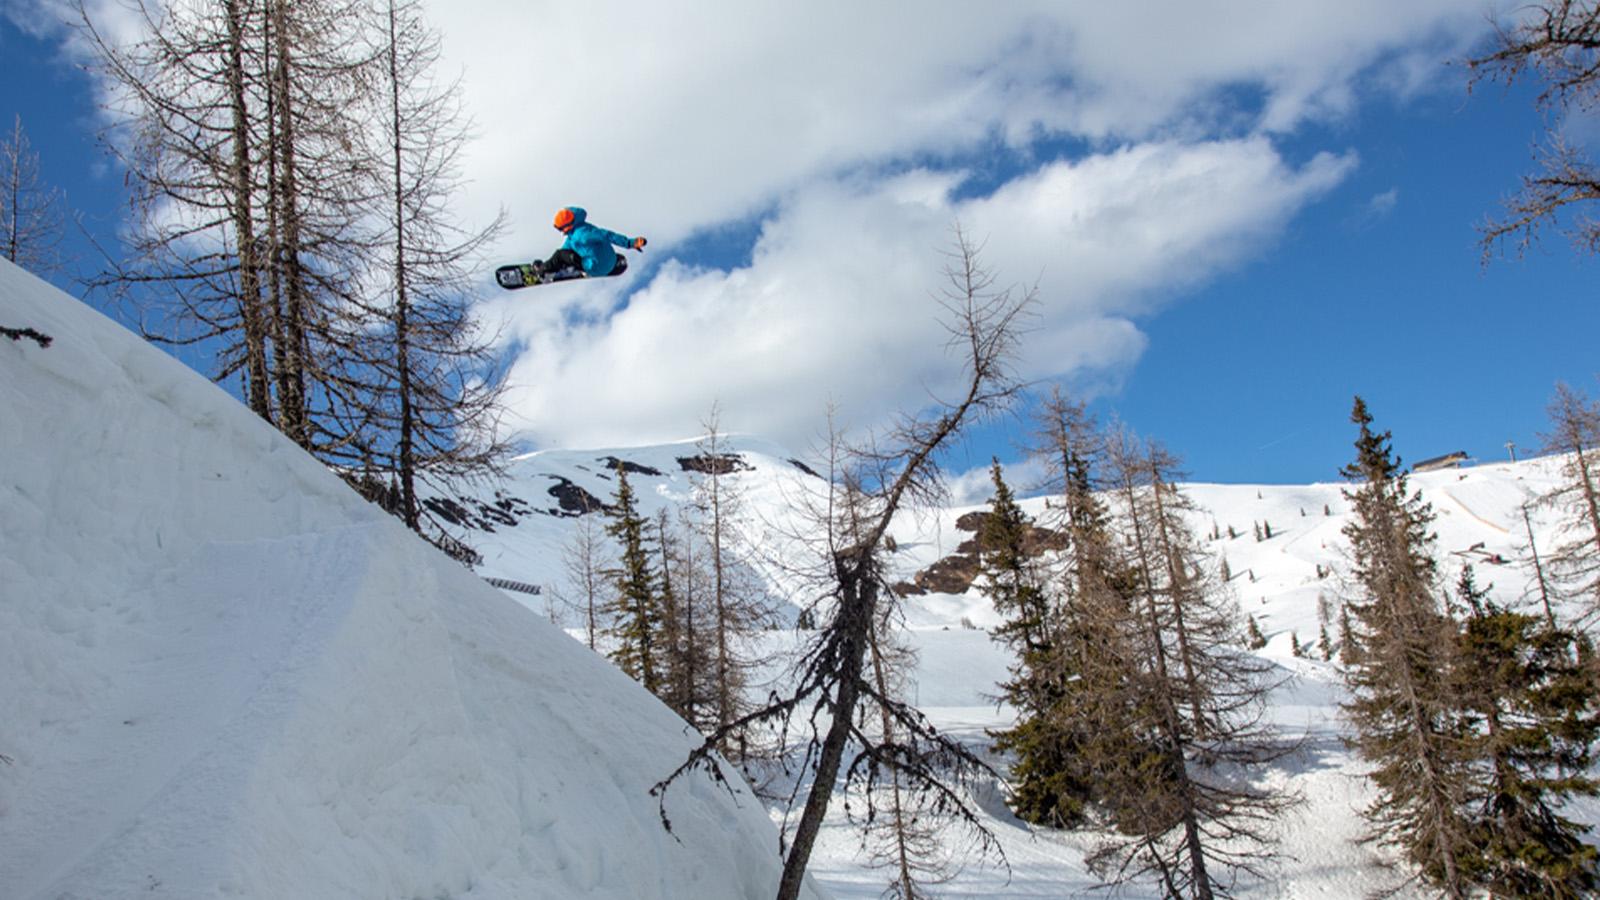 Rome FW20/21 Snowboard Bindings